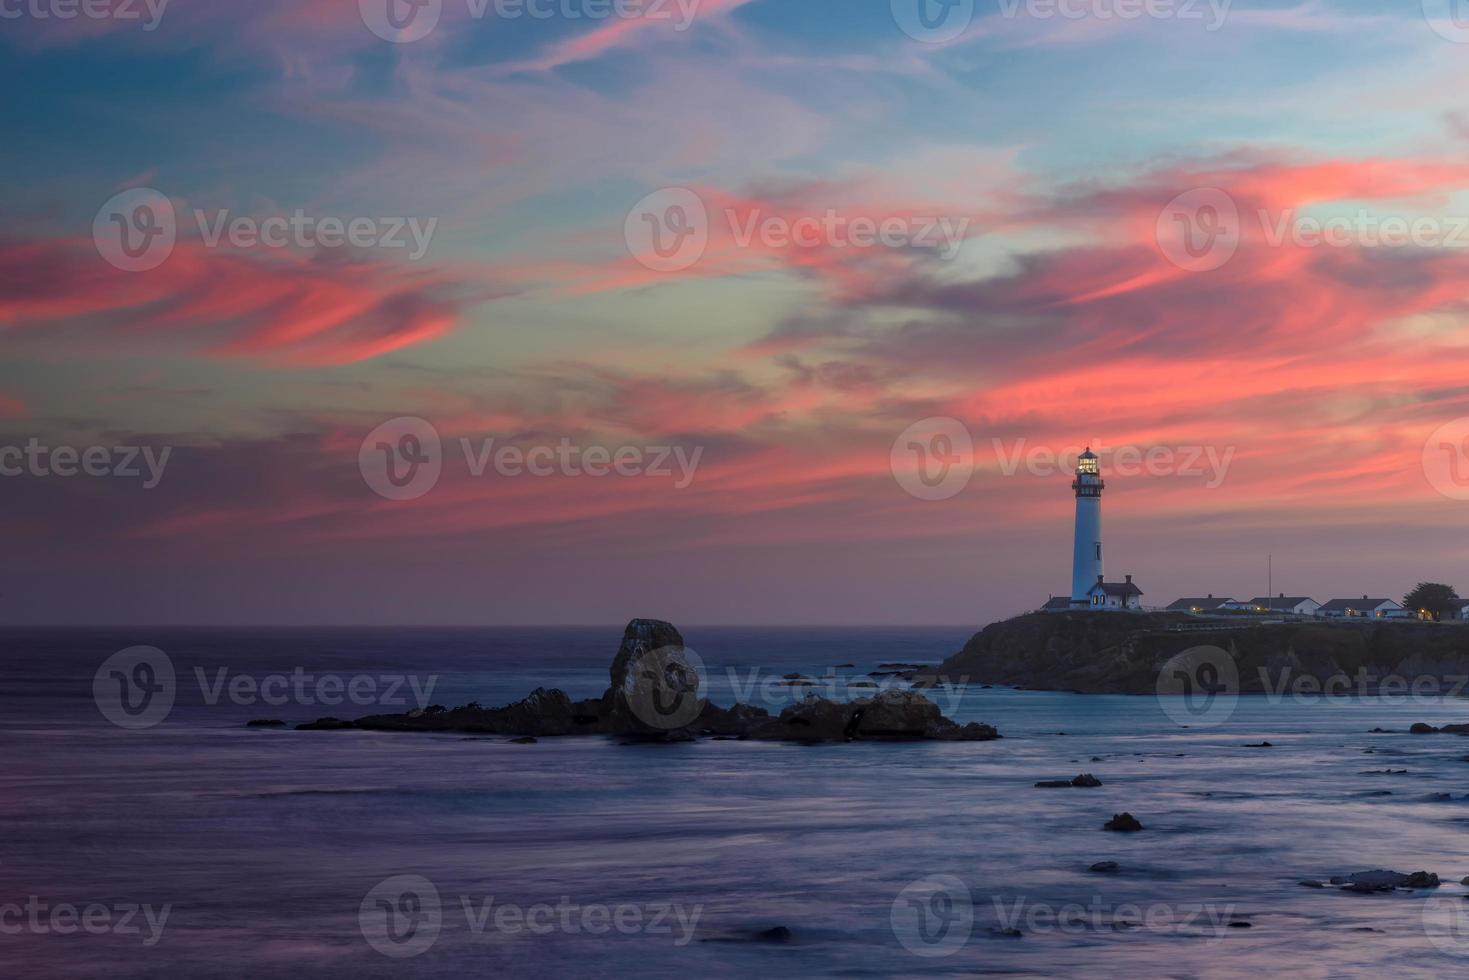 vuurtoren bij zonsondergang, duif punt vuurtoren, Pacifische kust, Californië, Verenigde Staten foto